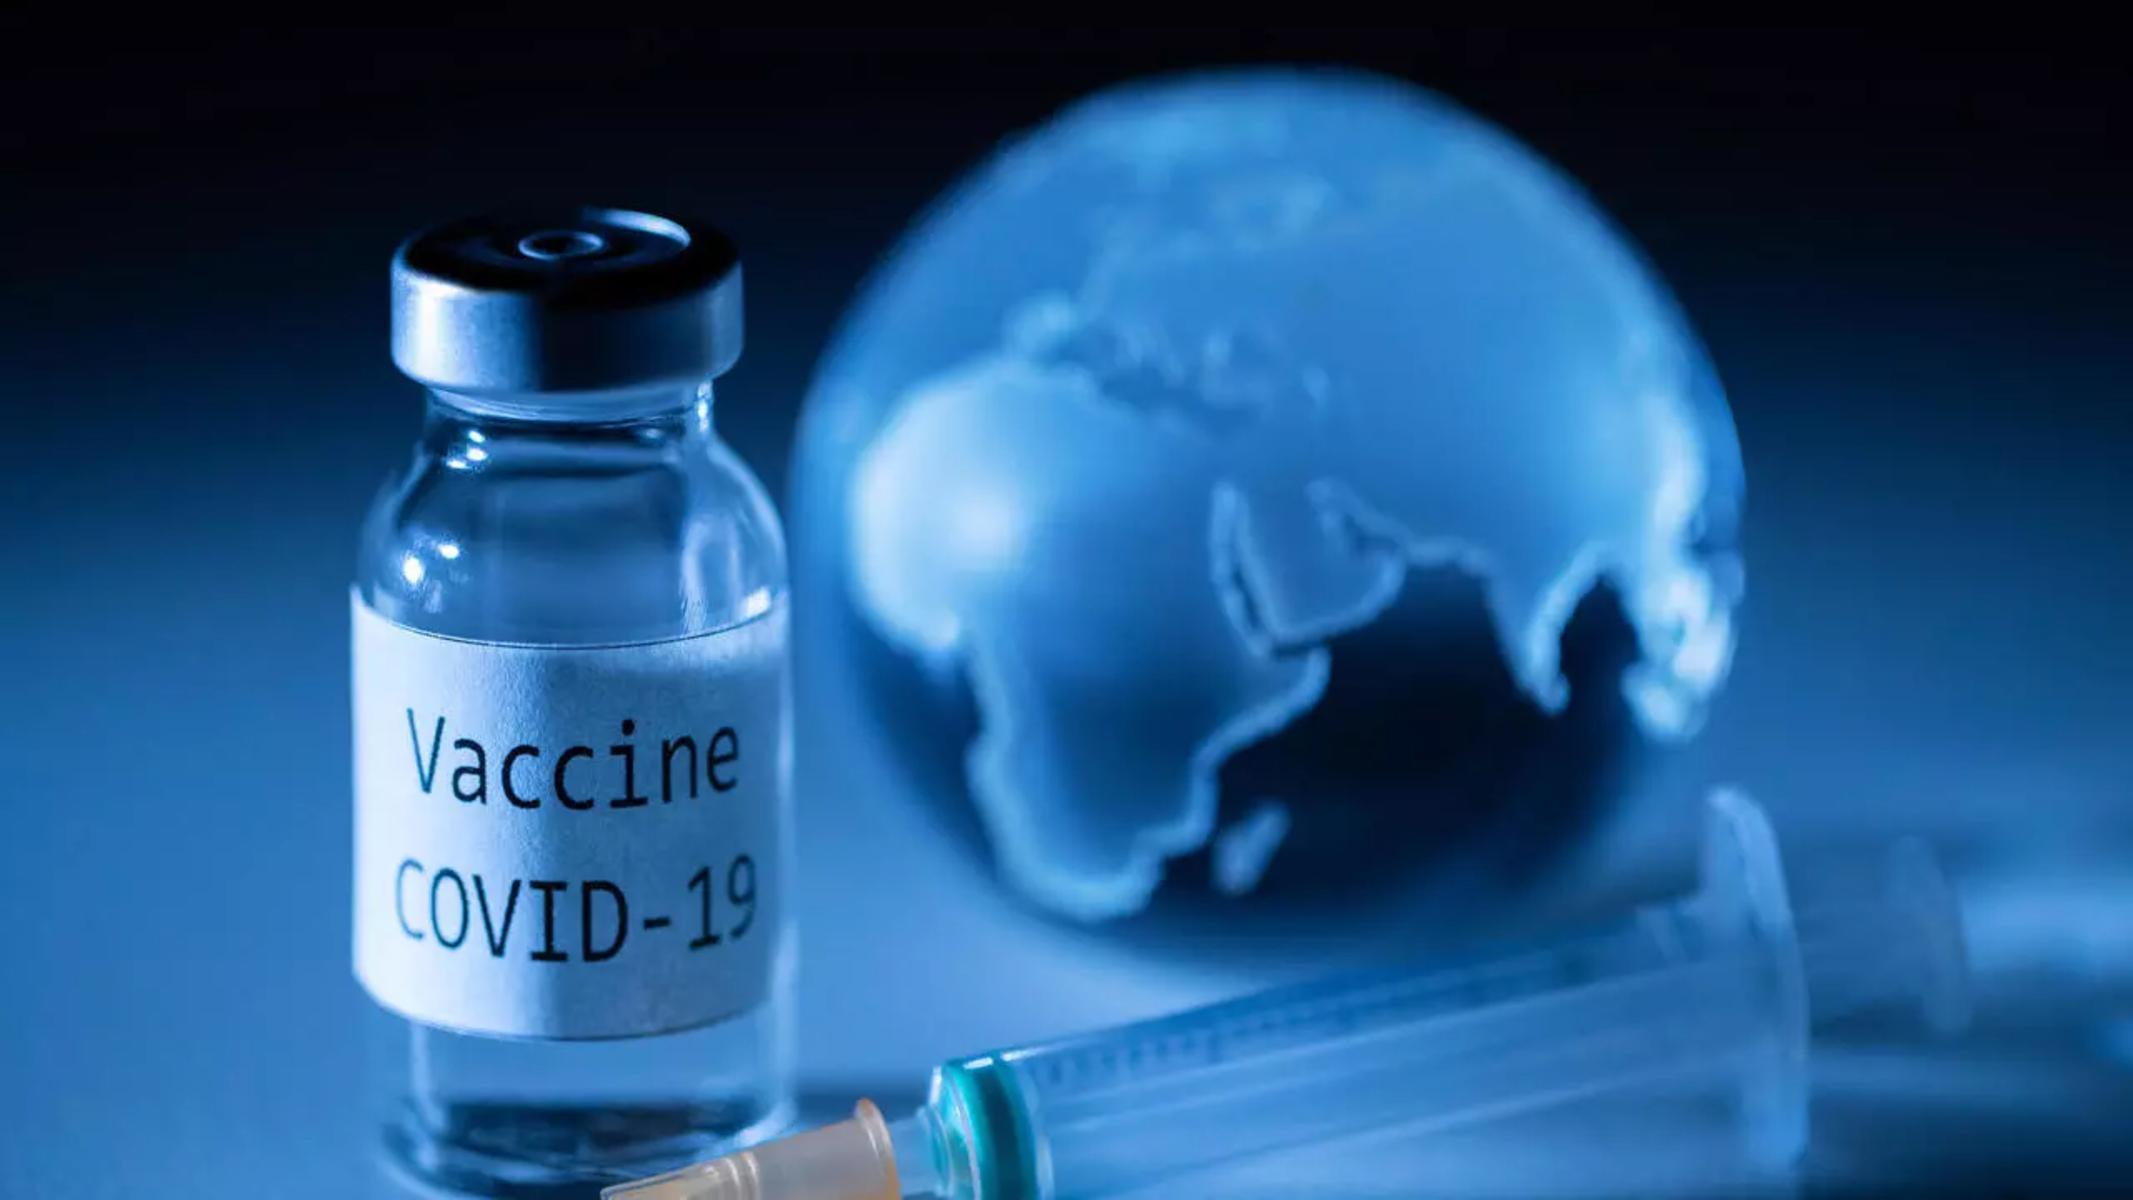 Πέτσας εμβόλιο: Πότε φτάνουν τα πρώτα εμβόλια- ποιοι έχουν προτεραιότητα